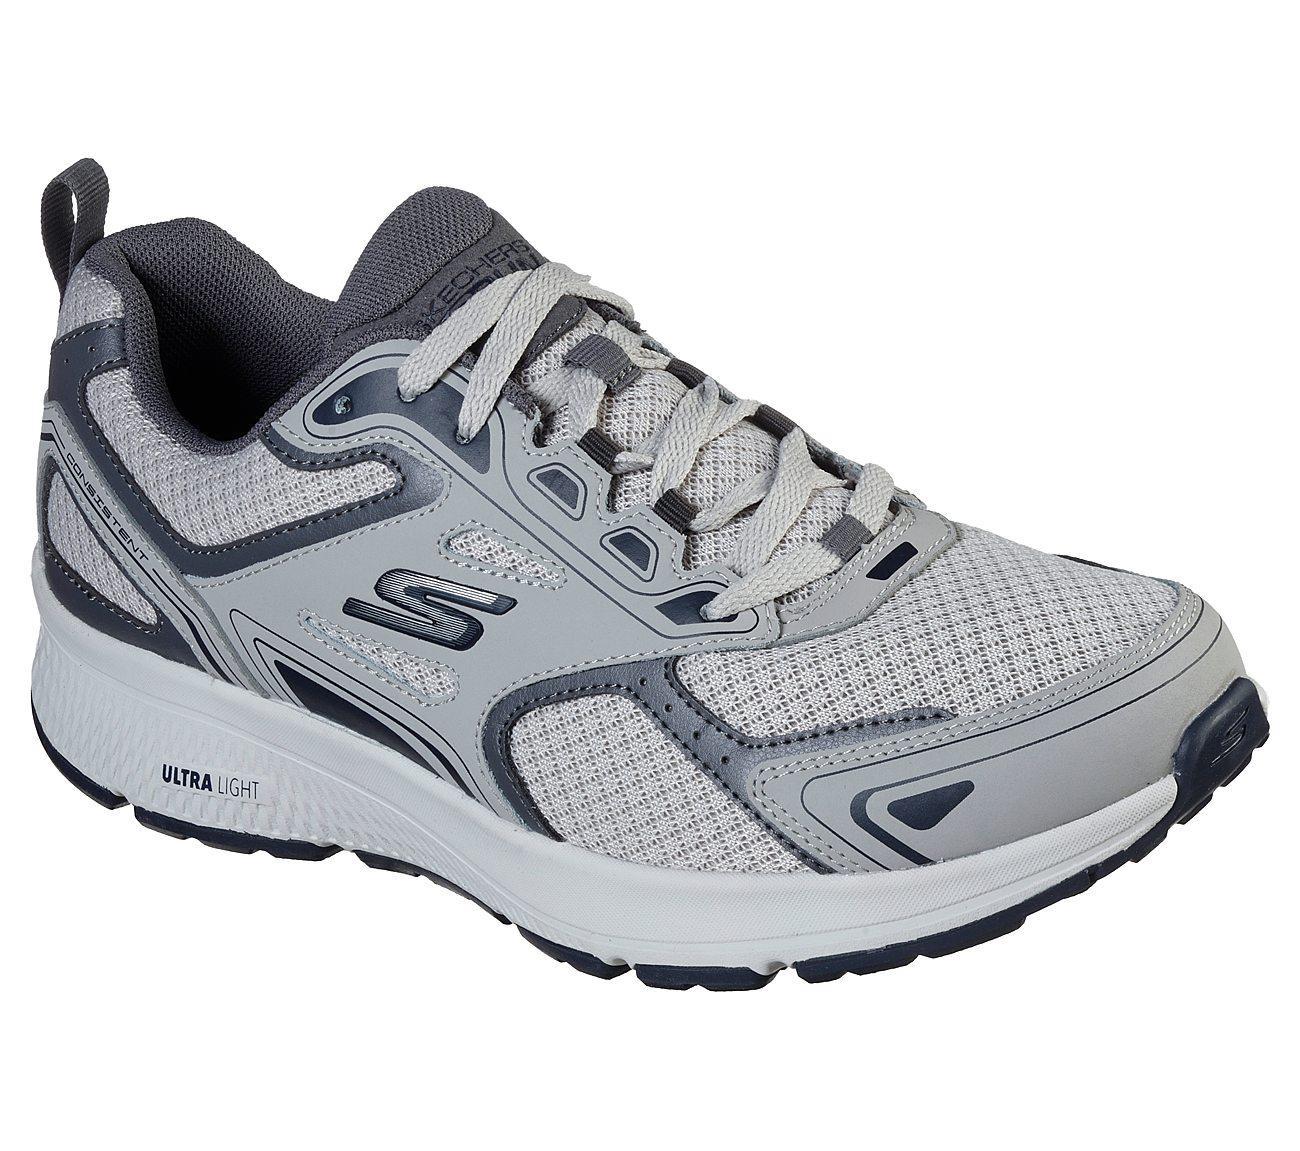 Skechers Go Run Consıstent Erkek Ayakkabısı SKC220034 GYNV